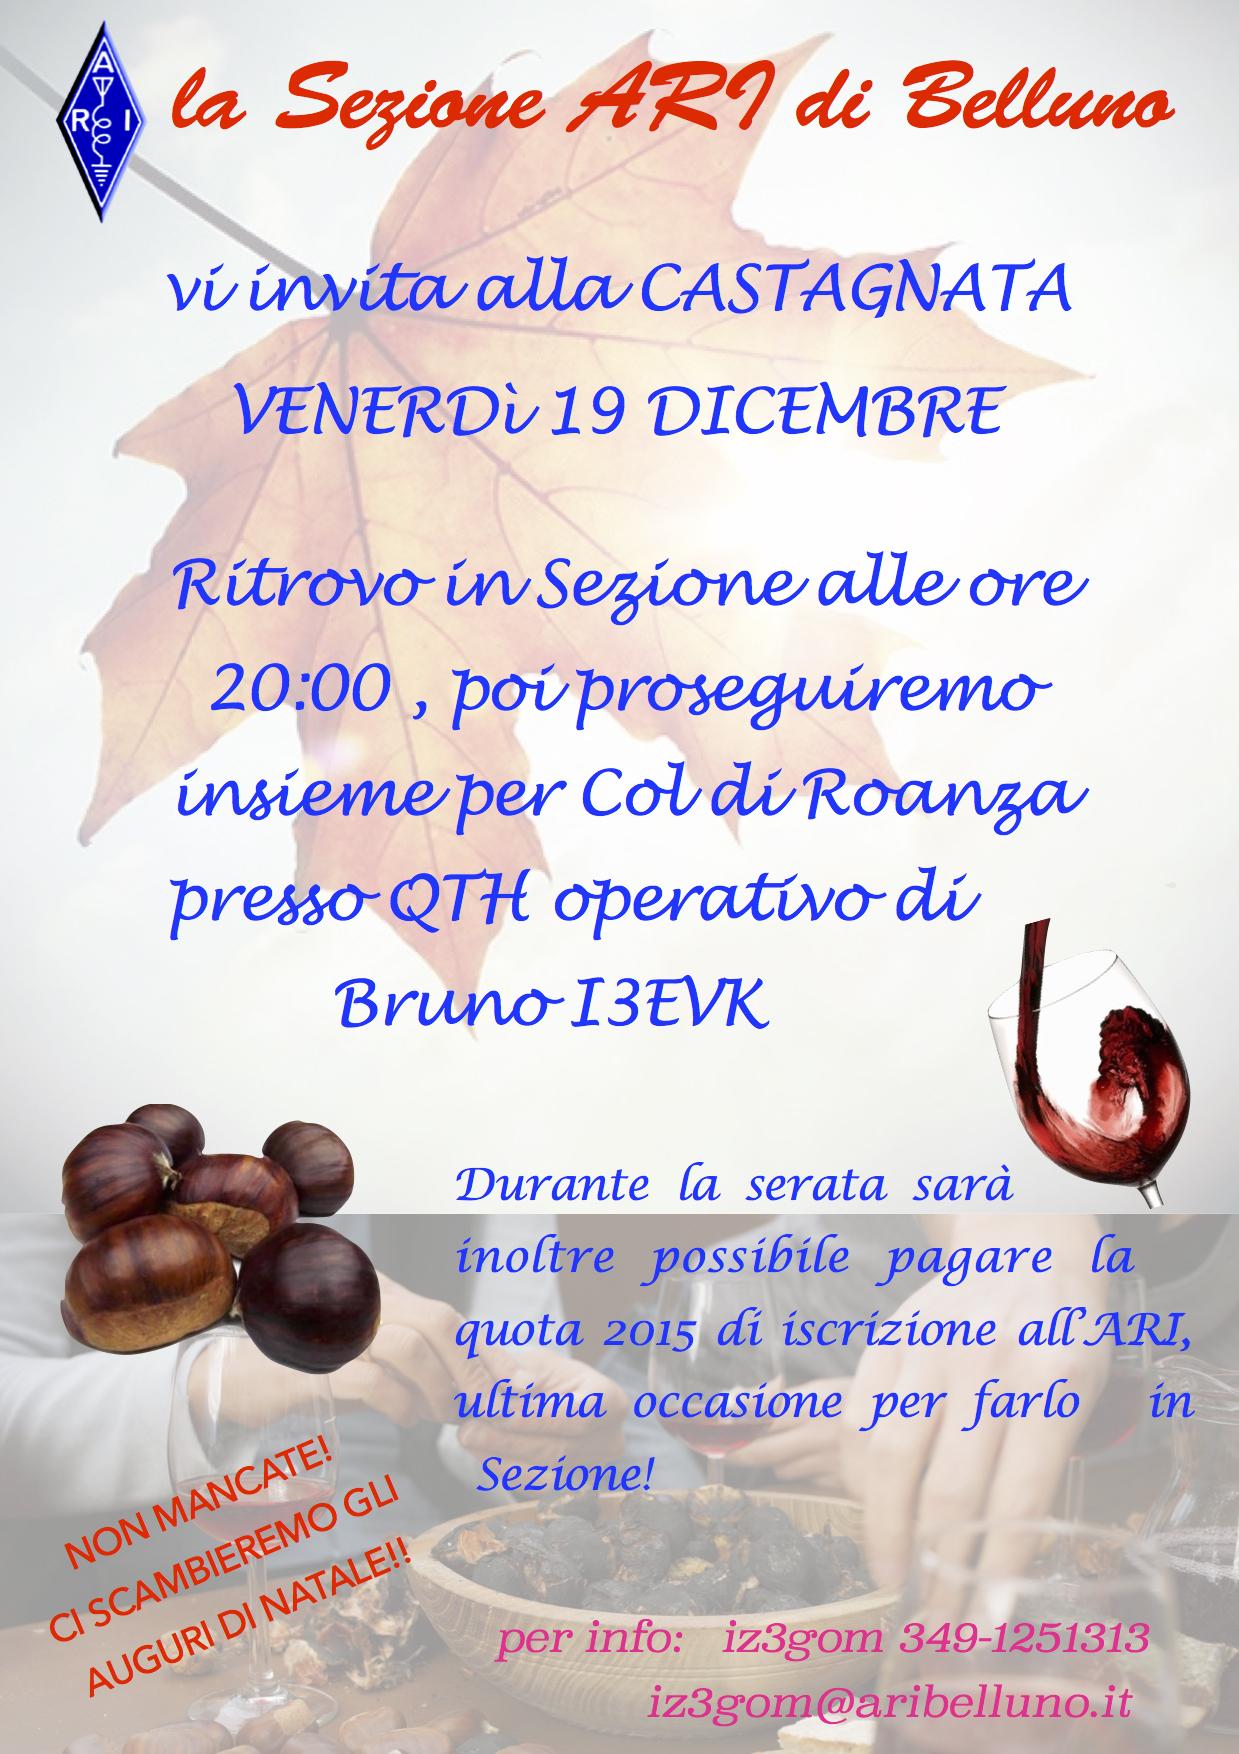 castagnata 2014